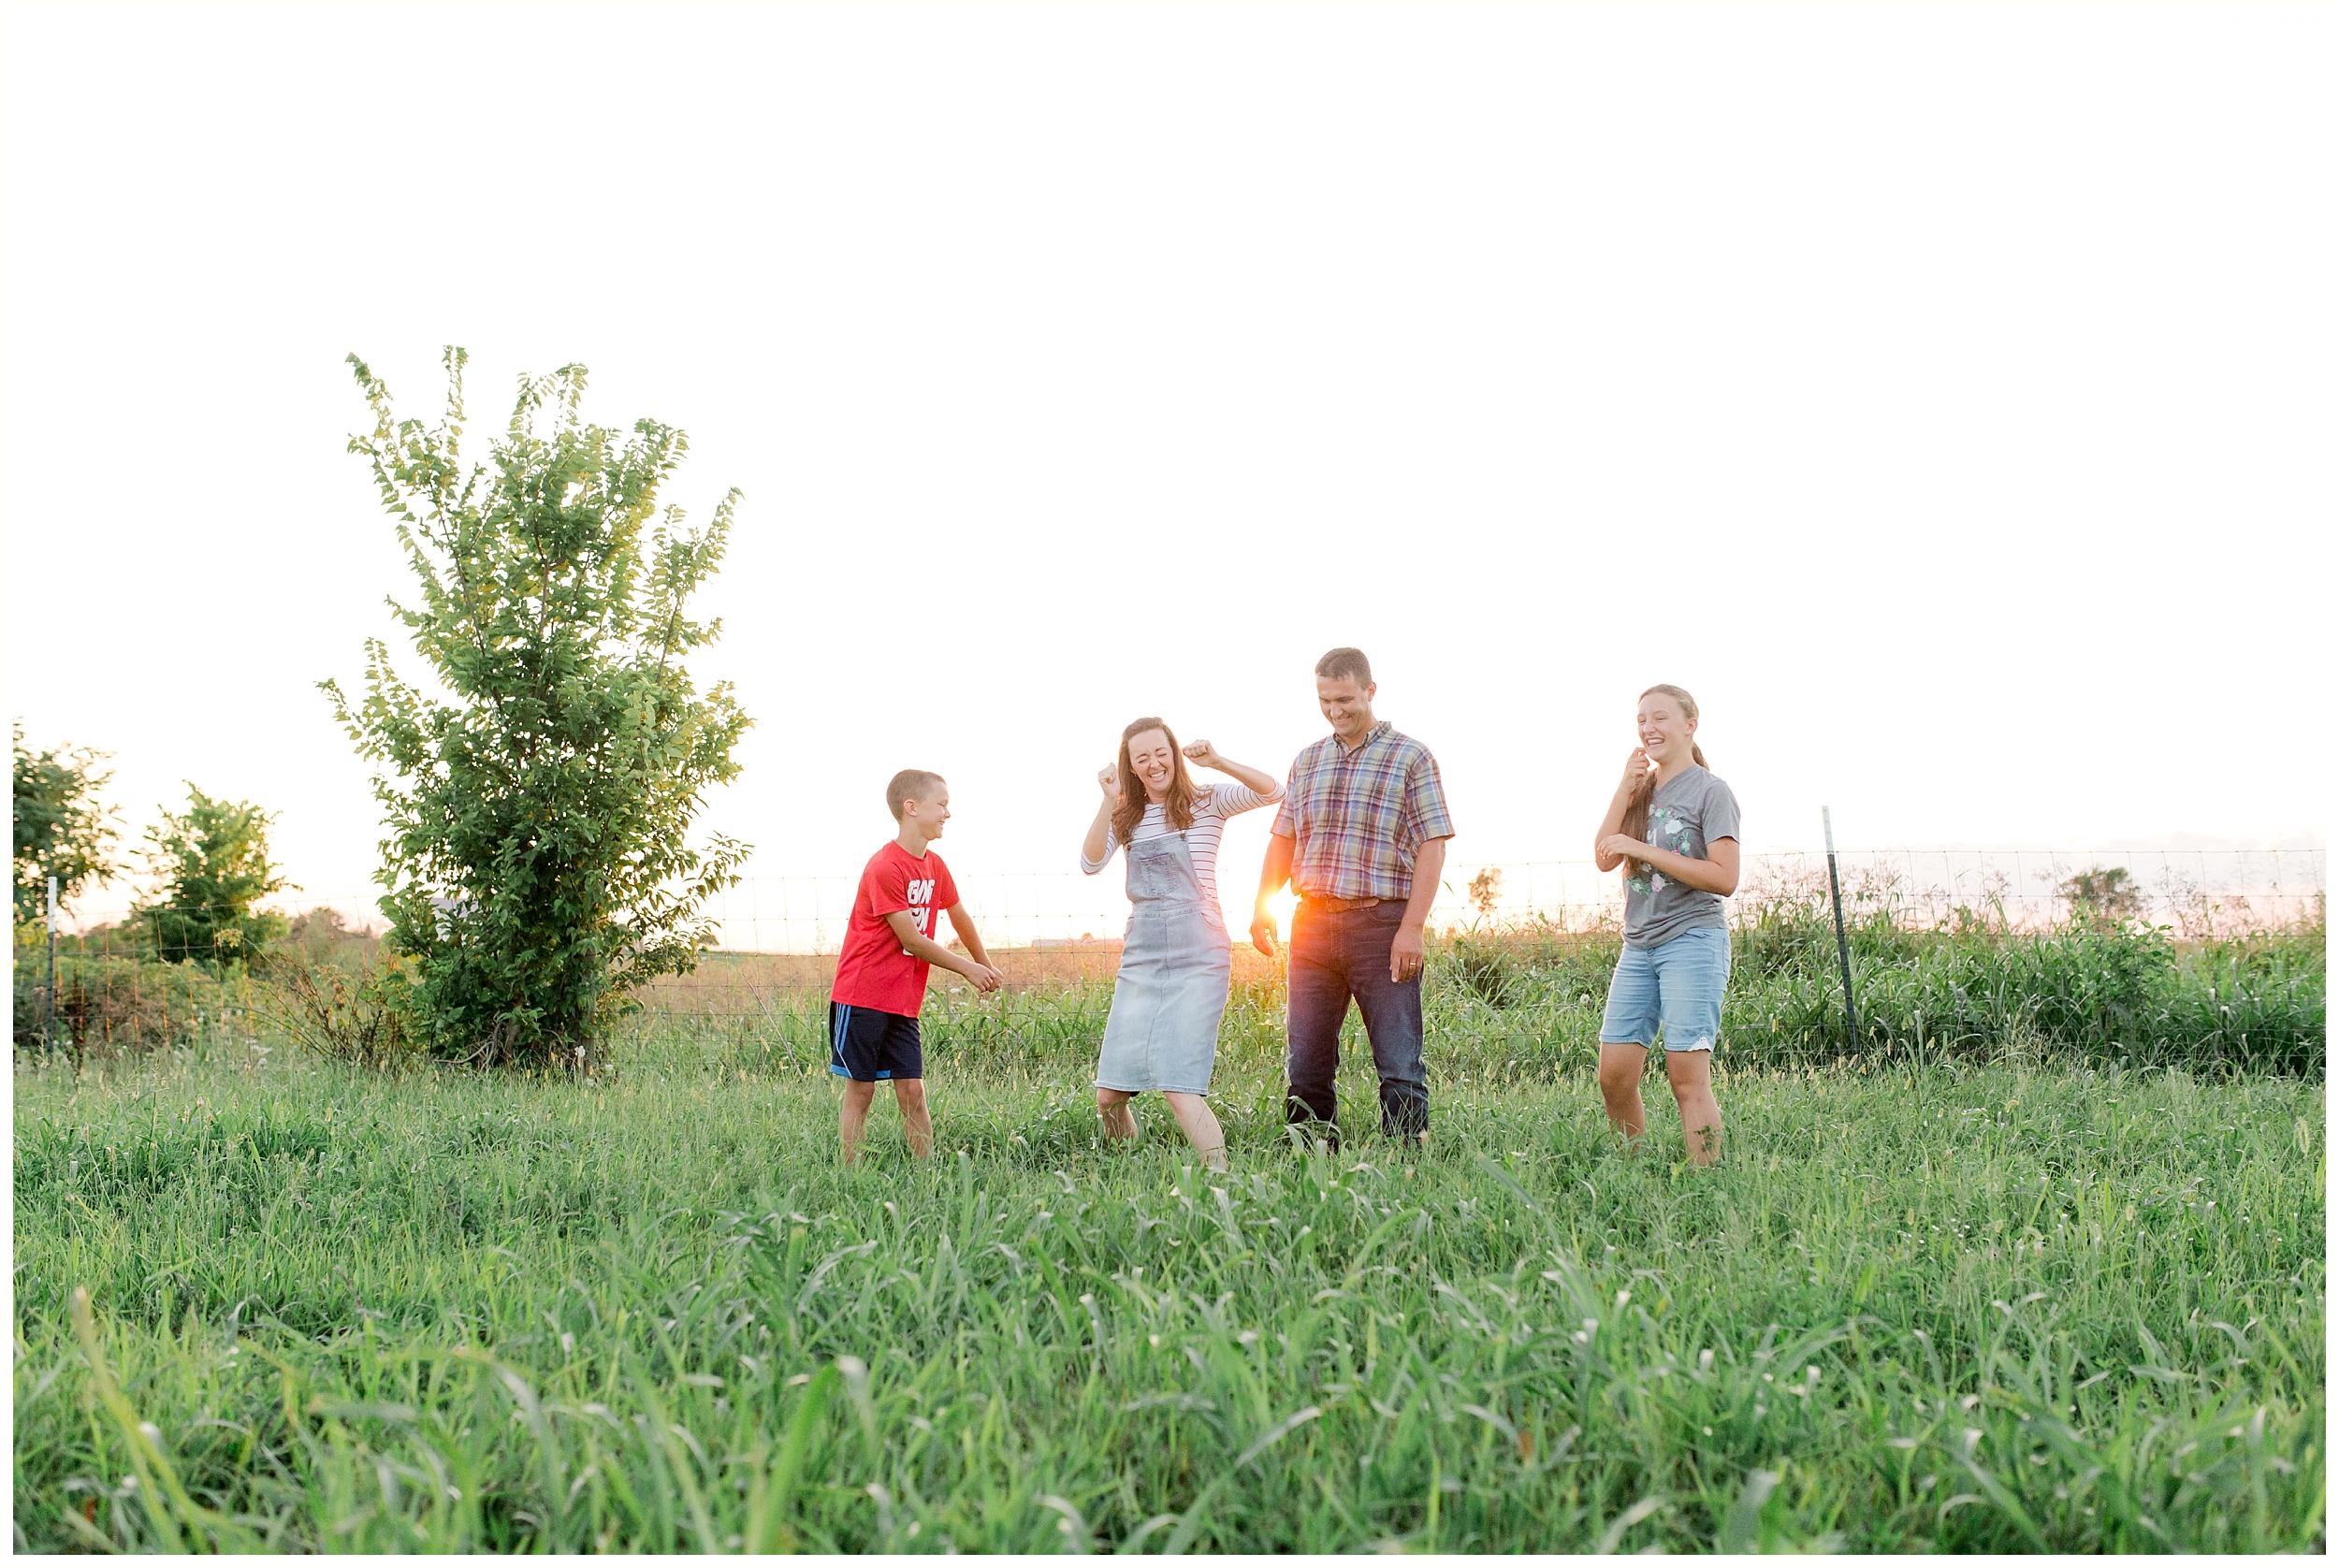 lexington-ky-family-lifestyle-photos-by-priscilla-baierlein_0524.jpg